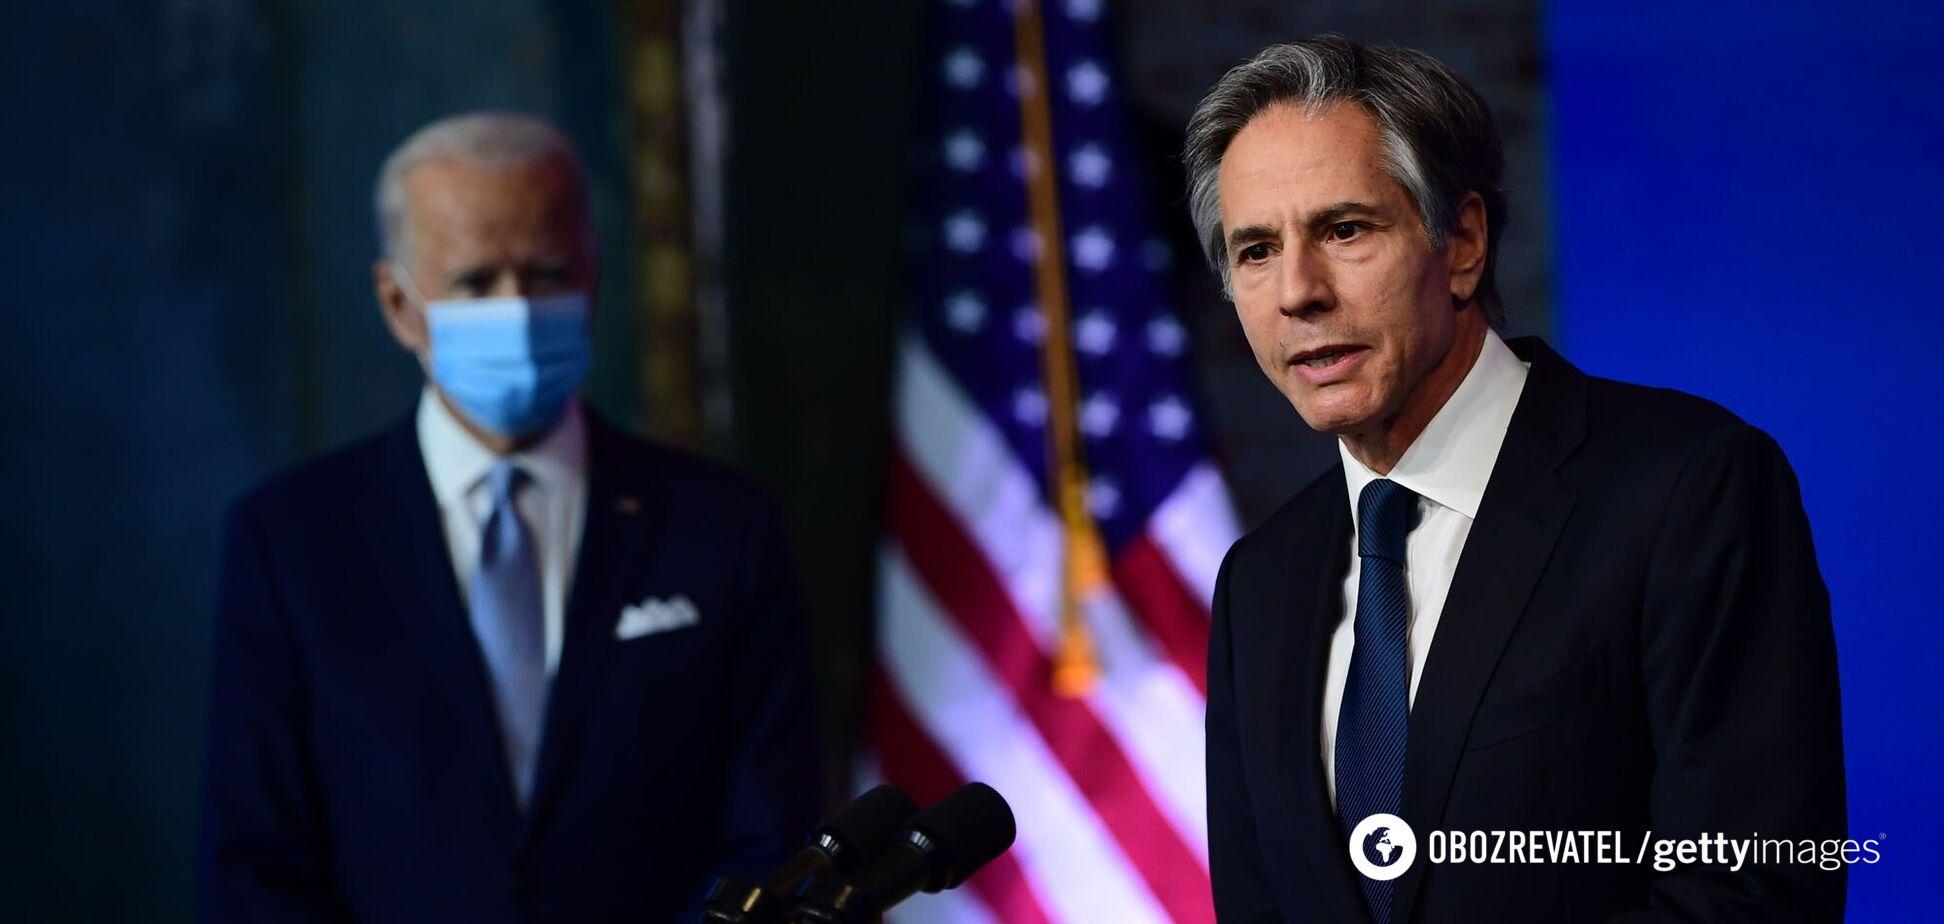 Энтони Блинкен может стать новым госсекретарем США при новоизбранном президента Джо Байдене